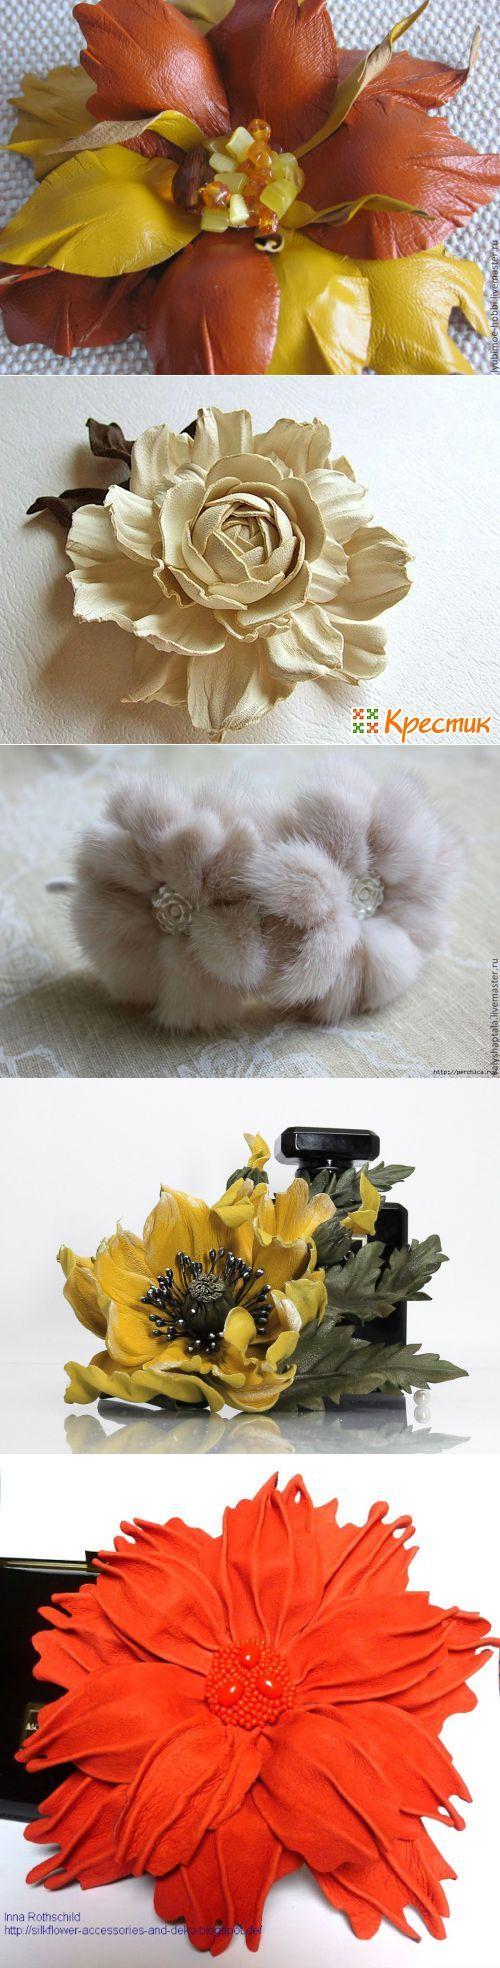 Цветы из кожи и меха - подборка | Мех | Постила